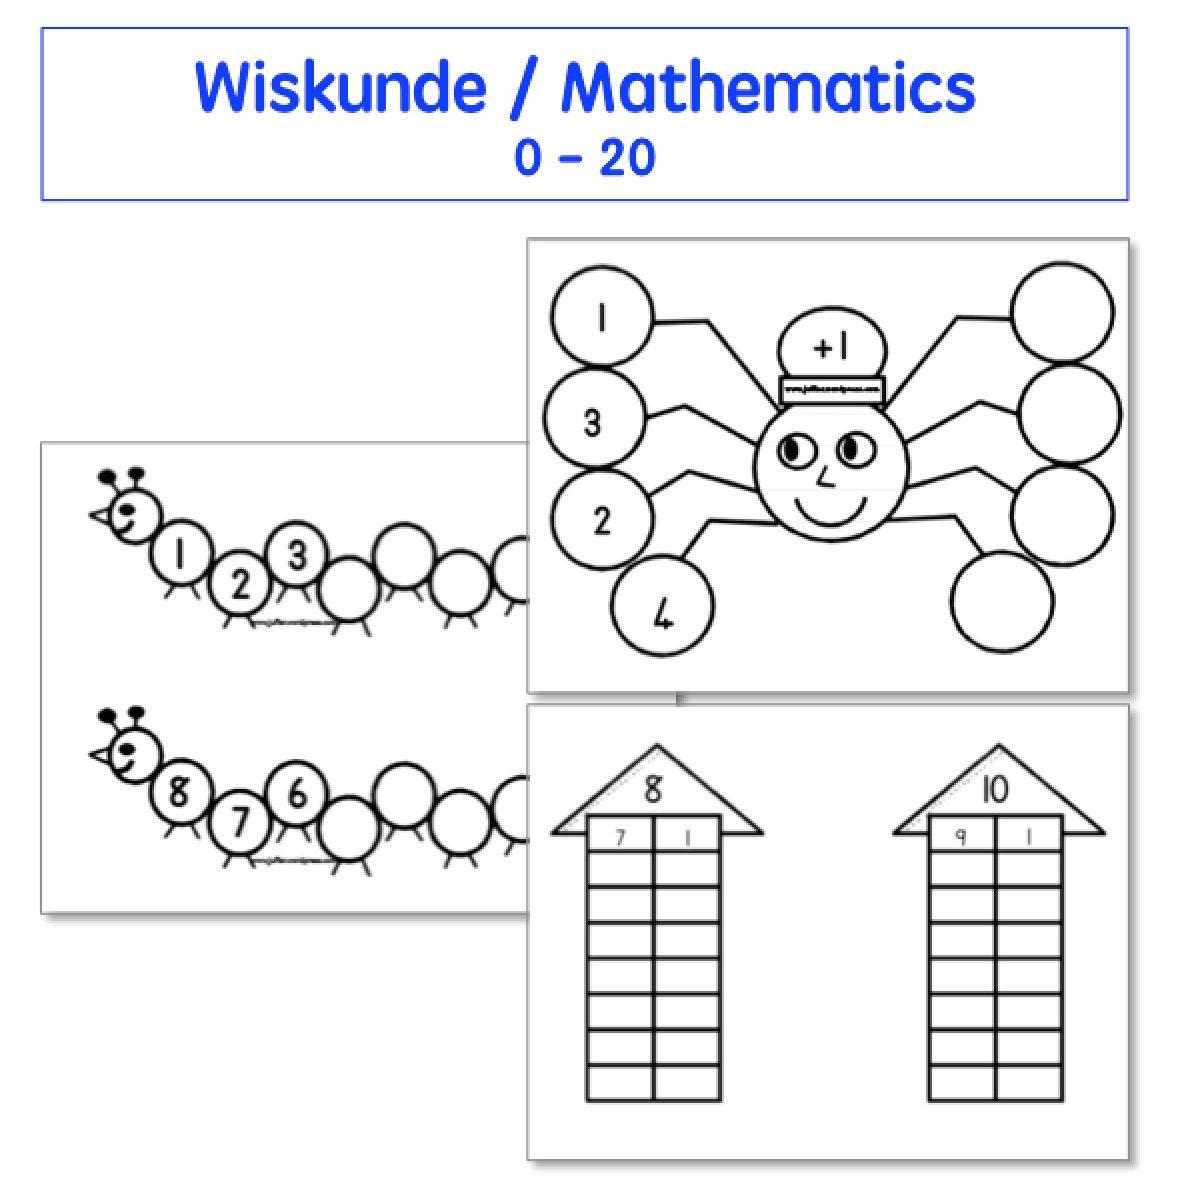 5 Number Bonds To 10 Worksheet Kombinasies Spinnekopsomme